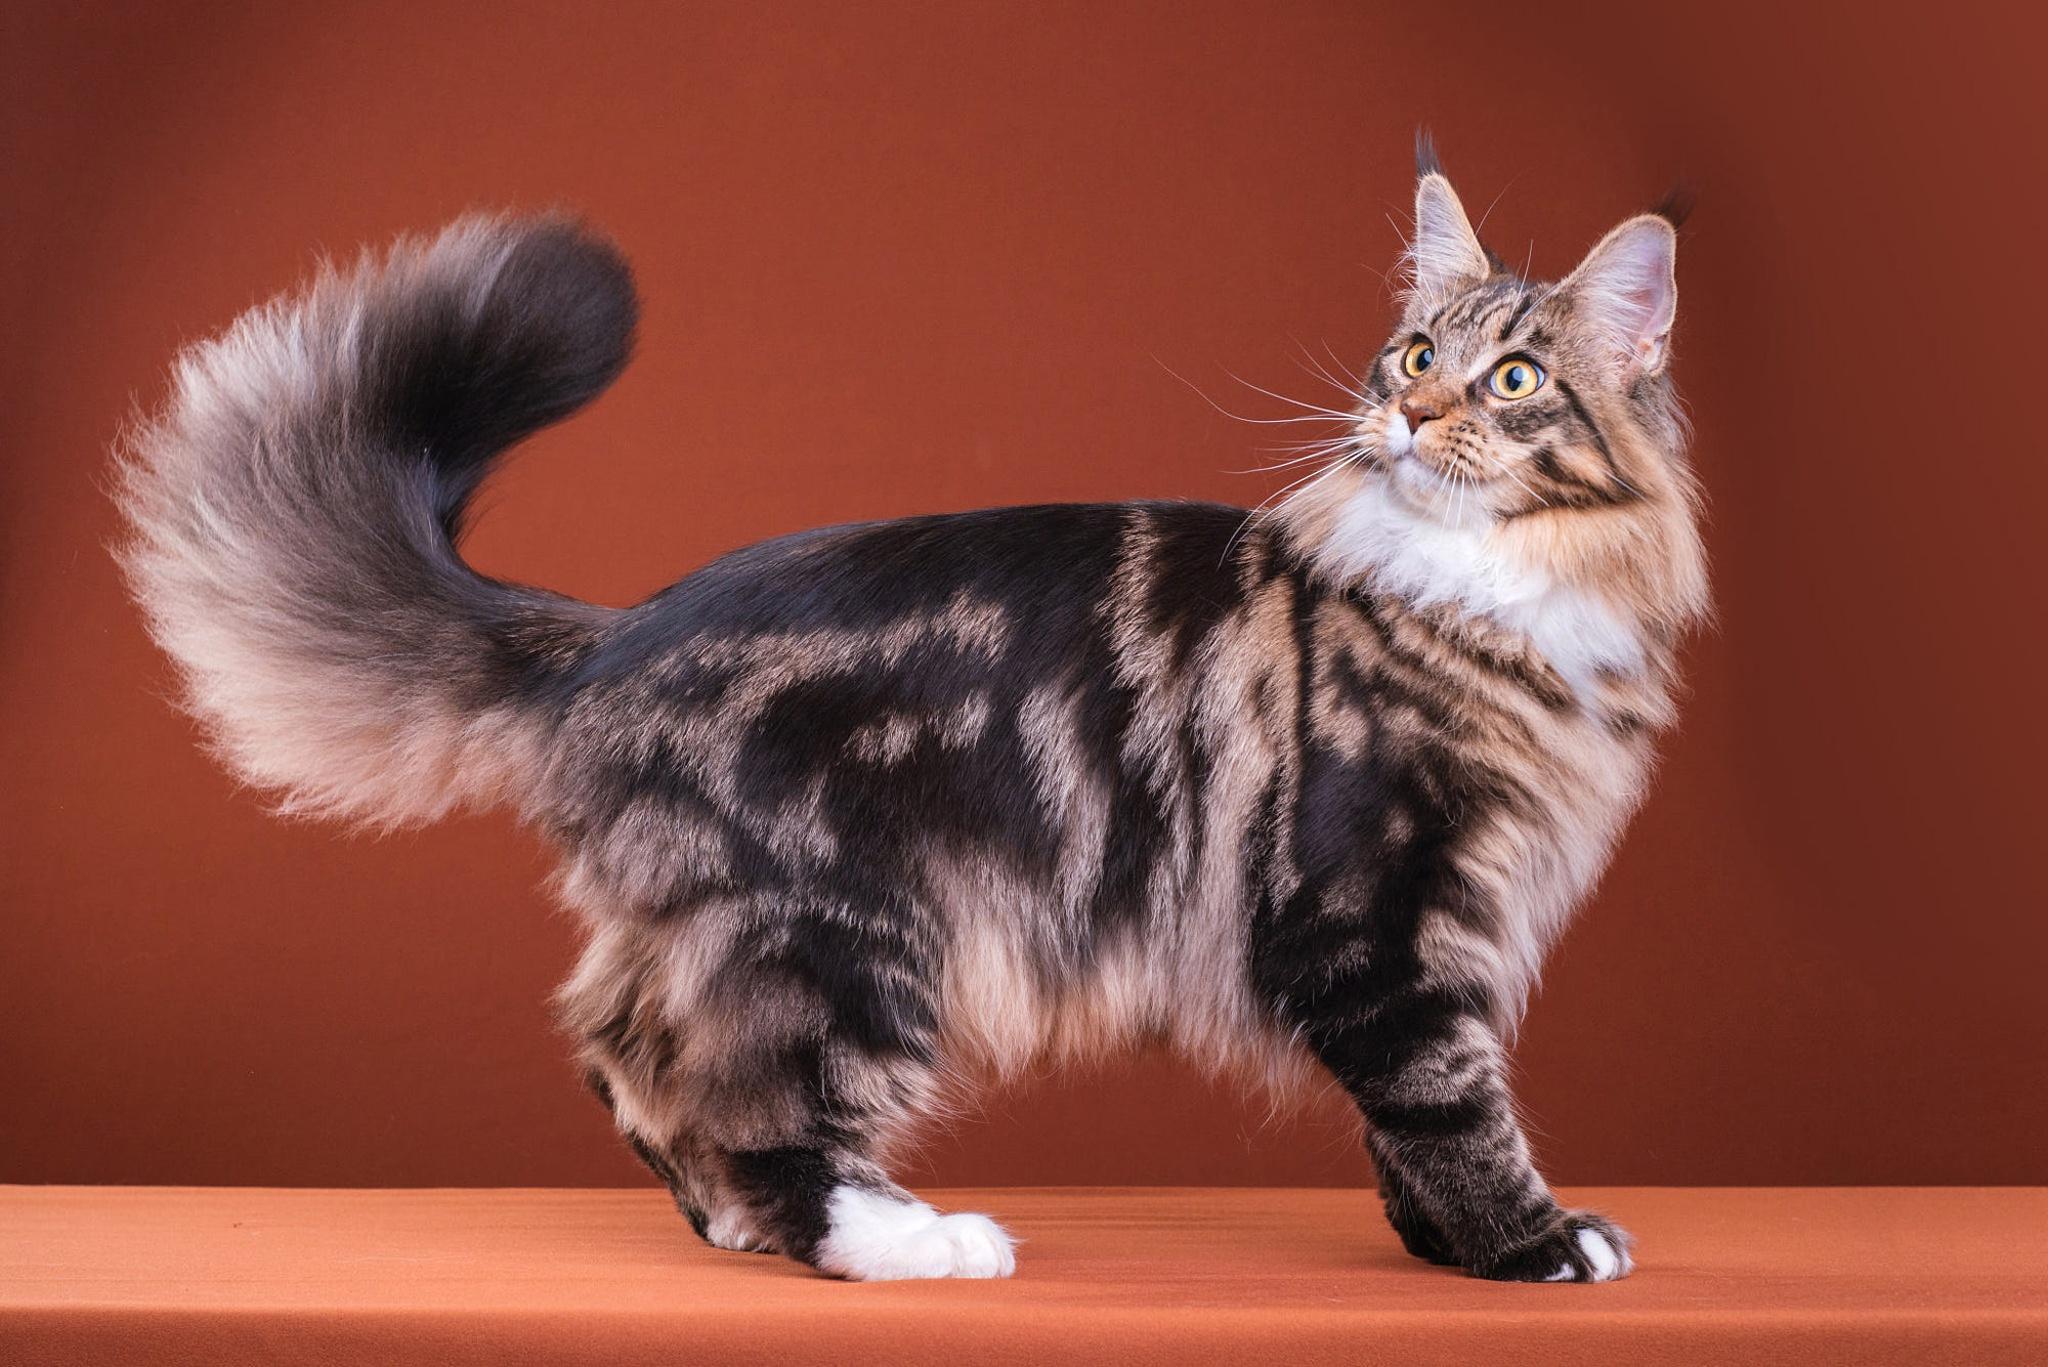 теперь пушистый хвост кота картинка большим пальцем правой